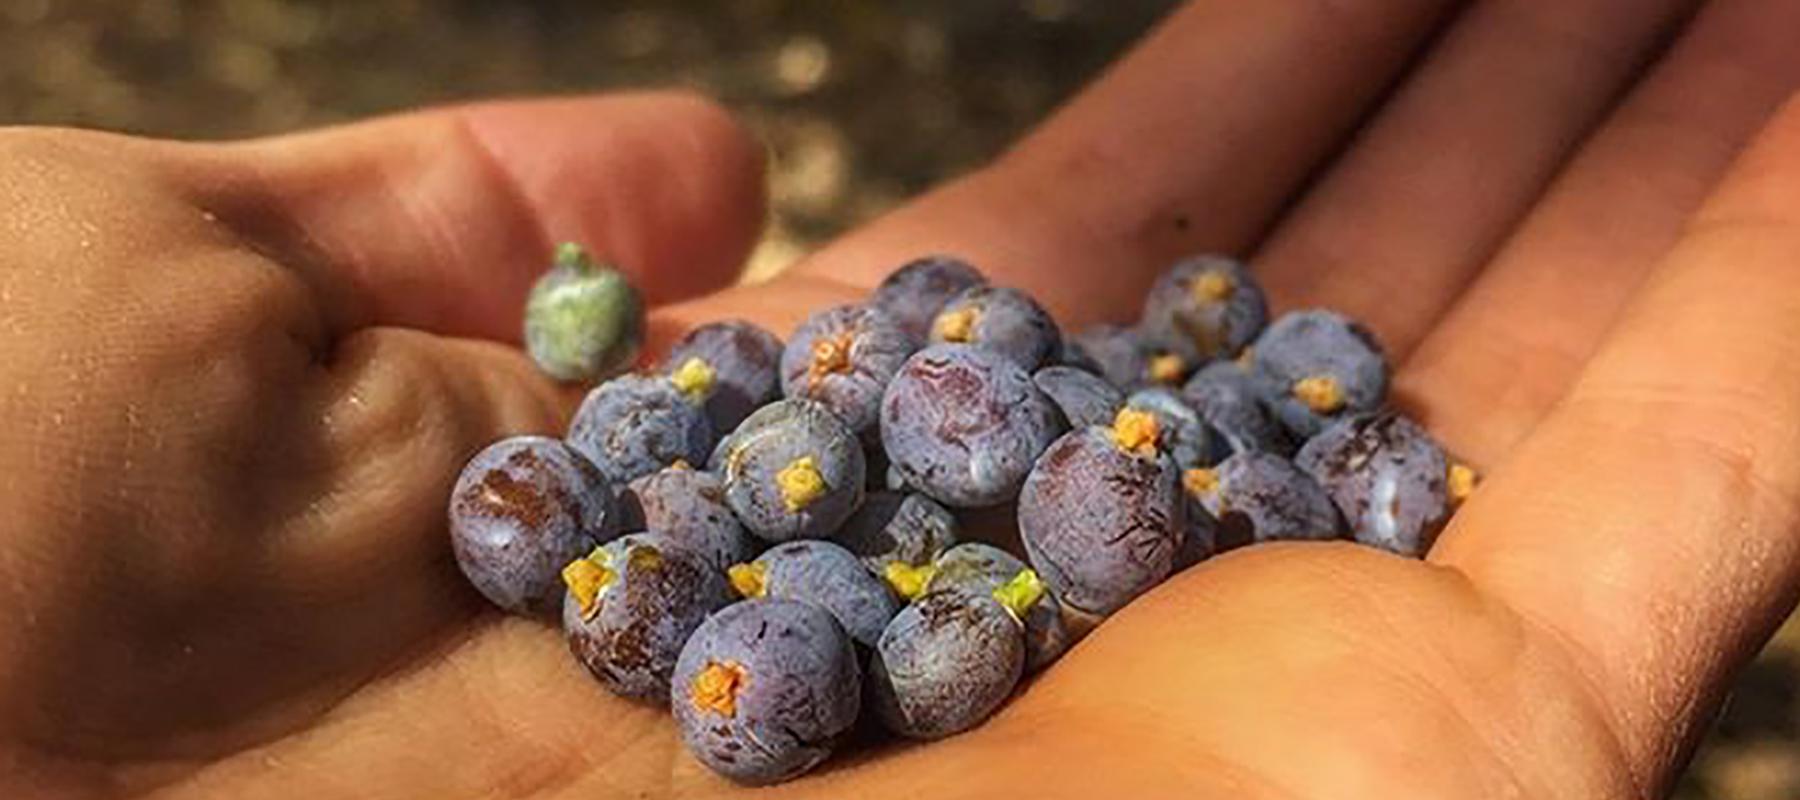 juniper-berries-1800x800.jpg